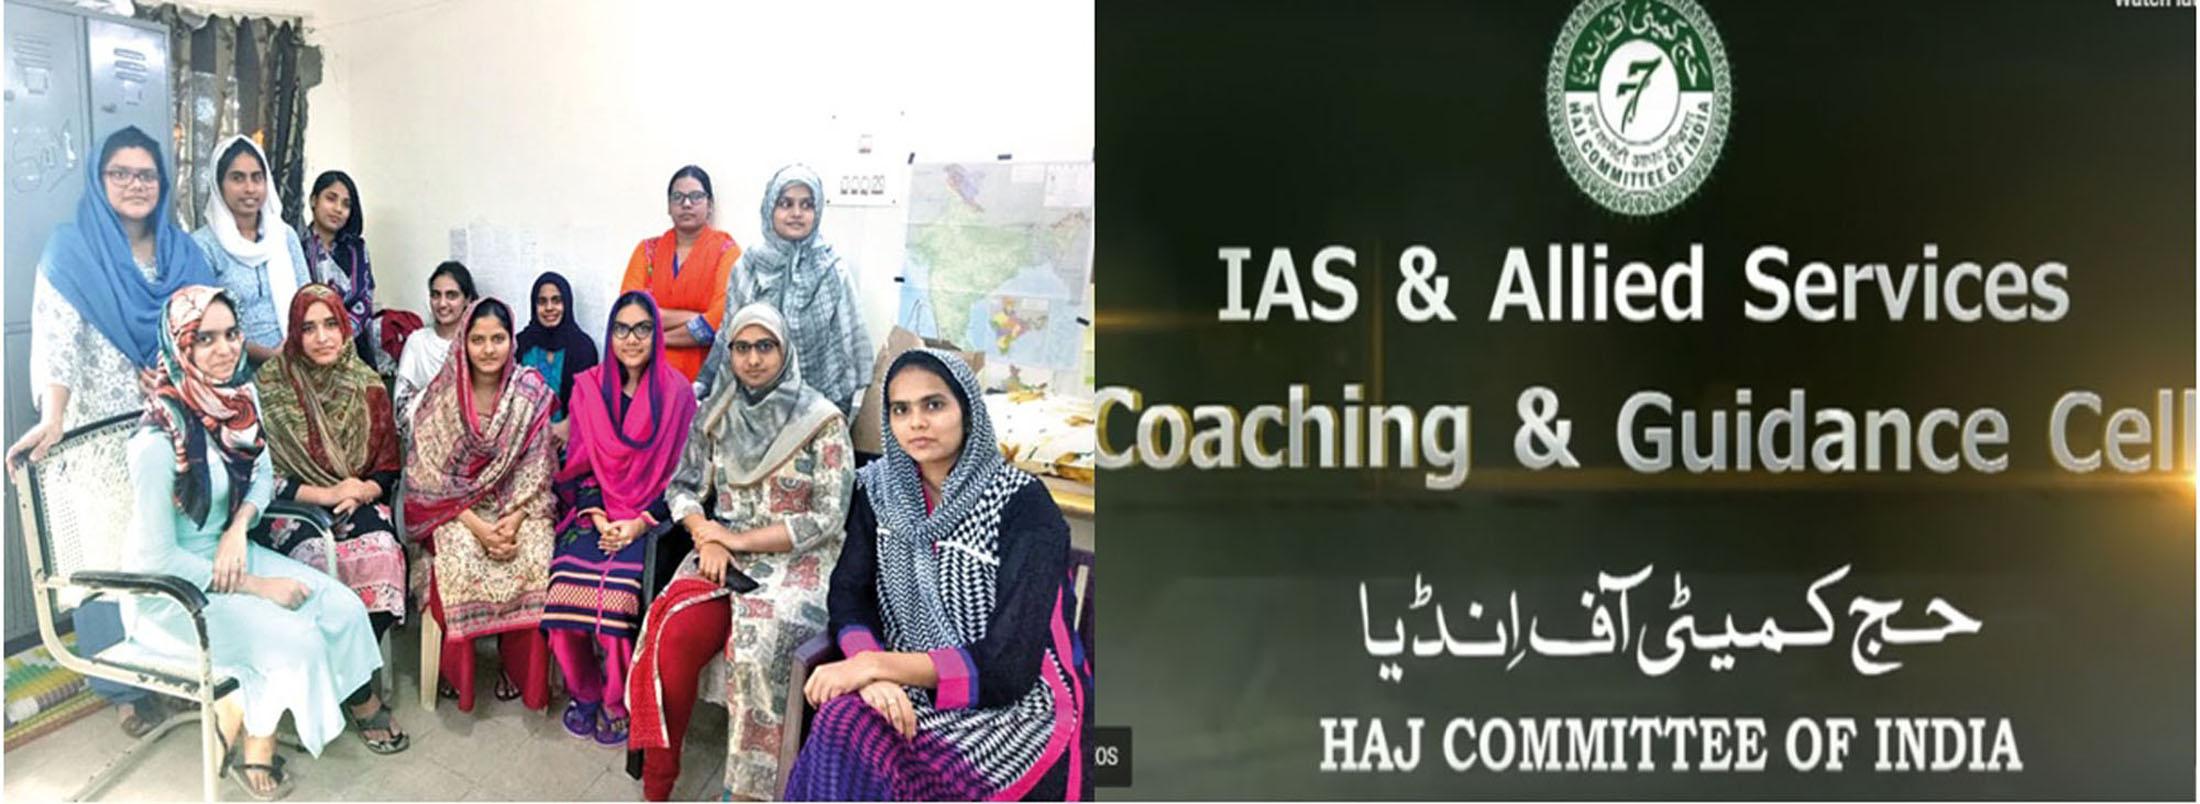 मुंबई हज हाउस में मुस्लिम IAS उम्मीदवारों को मुफ्त कोचिंग से मिली सपनों को उड़ान।